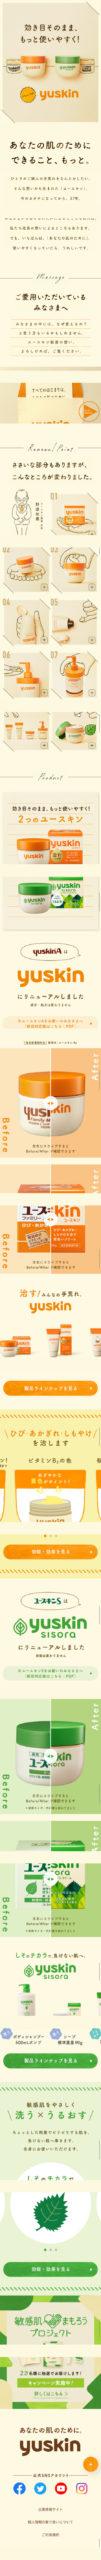 renewal-yuskin-smp